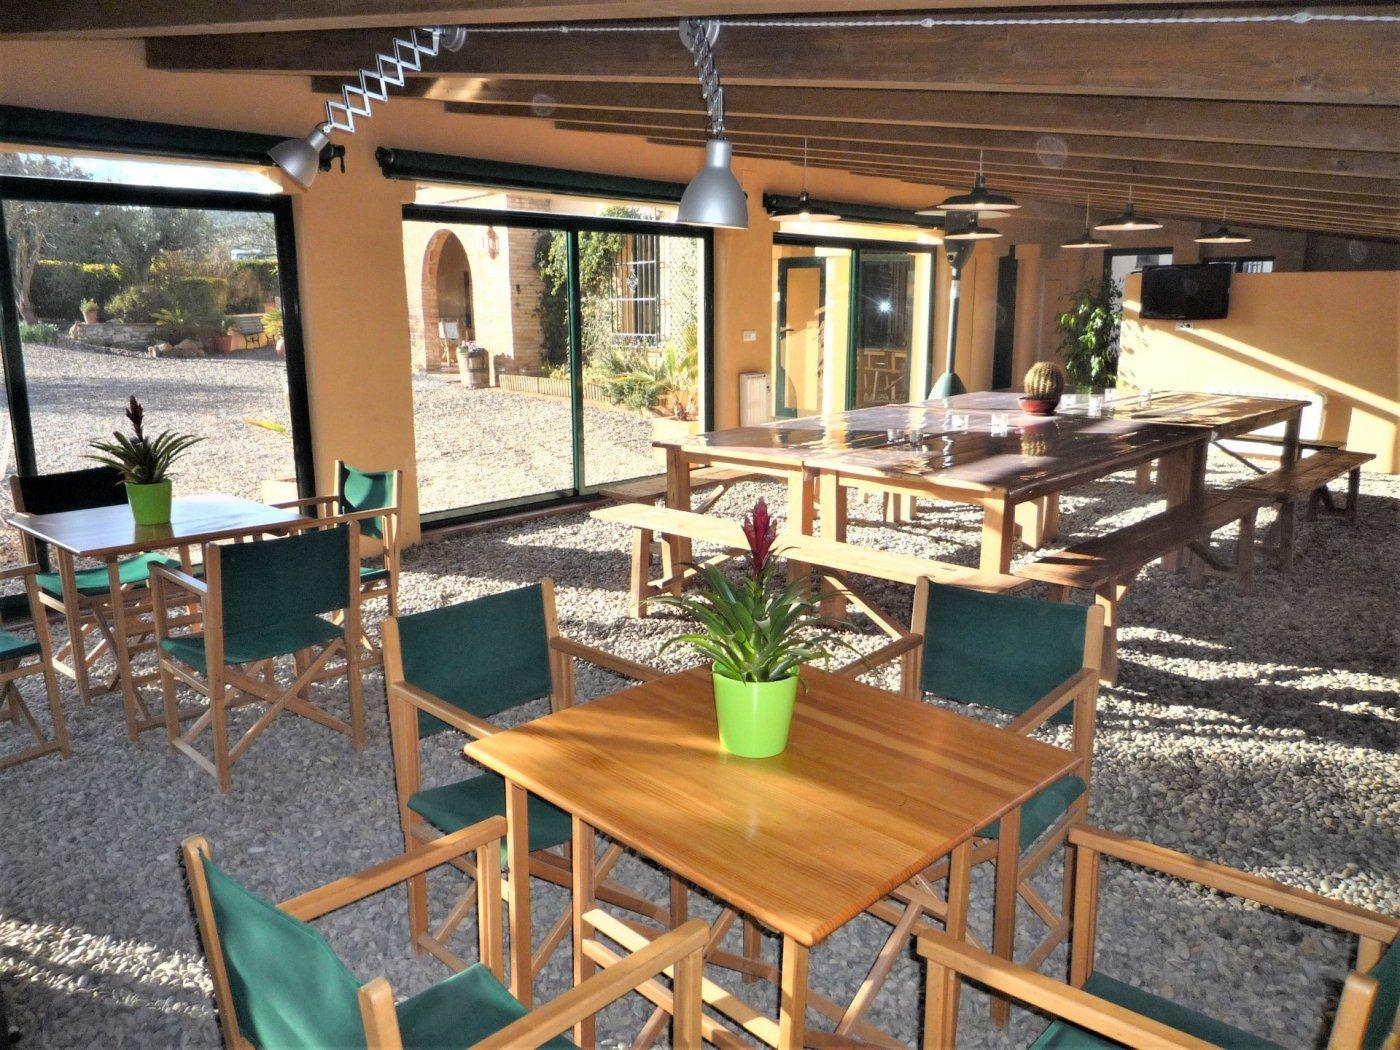 Casa en venta en montblanc - imagenInmueble29